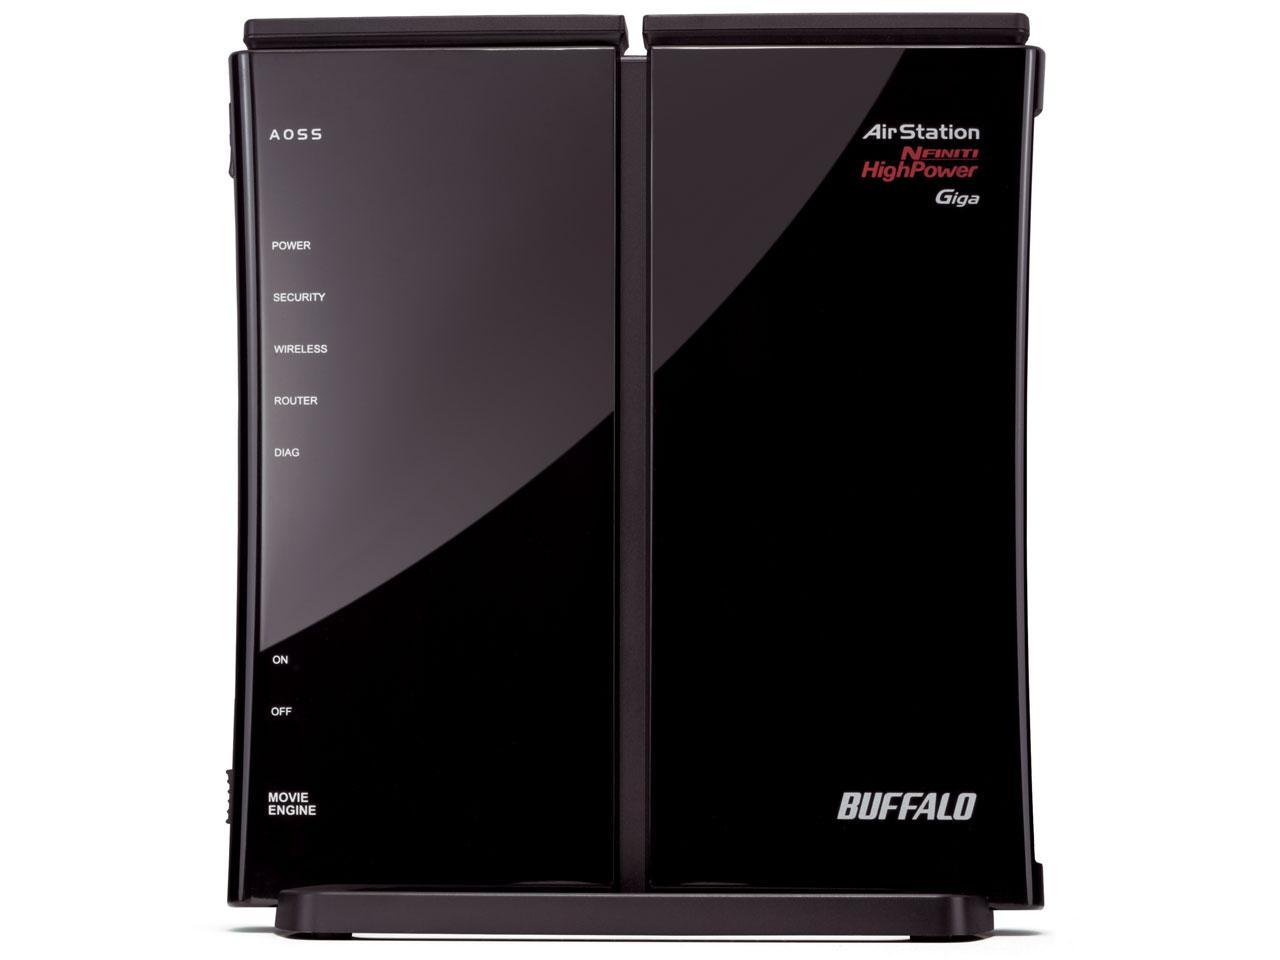 『本体 縦置き 右側面』 AirStation NFINITI HighPower Giga WZR-HP-G302HA の製品画像